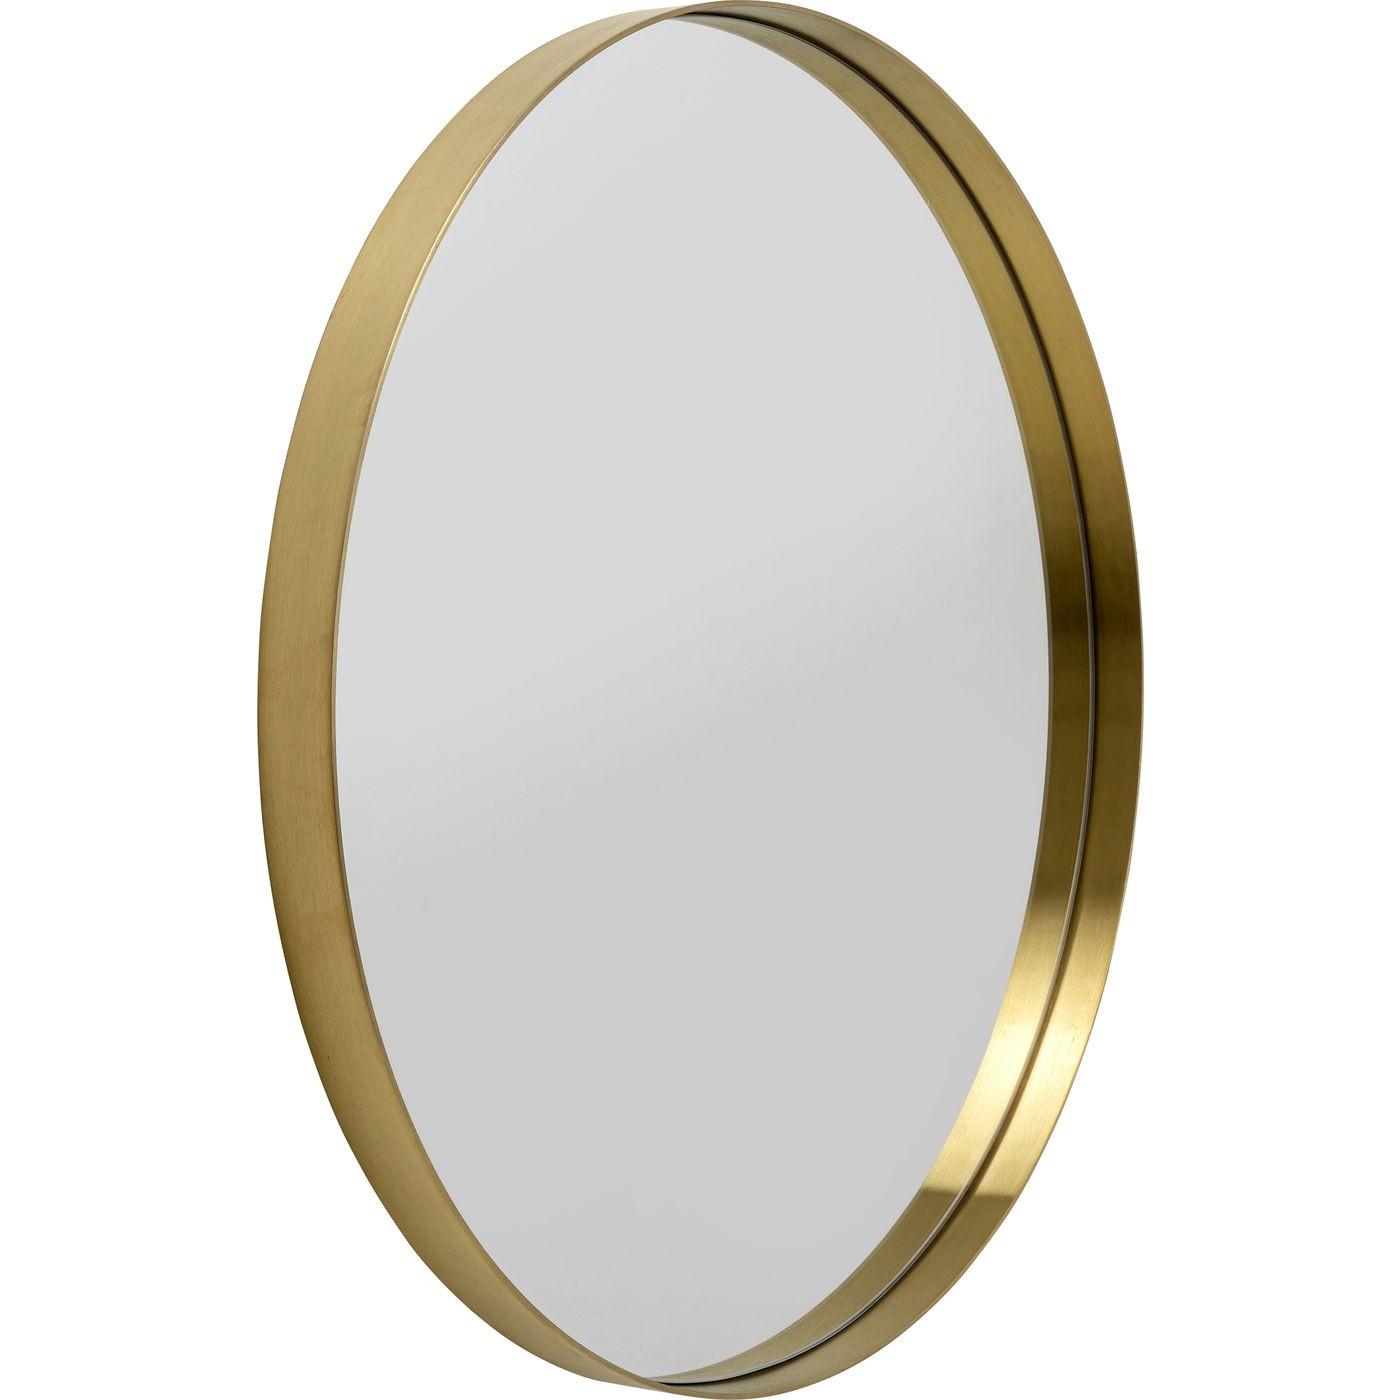 Miroir Curve rond laiton 80cm Kare Design